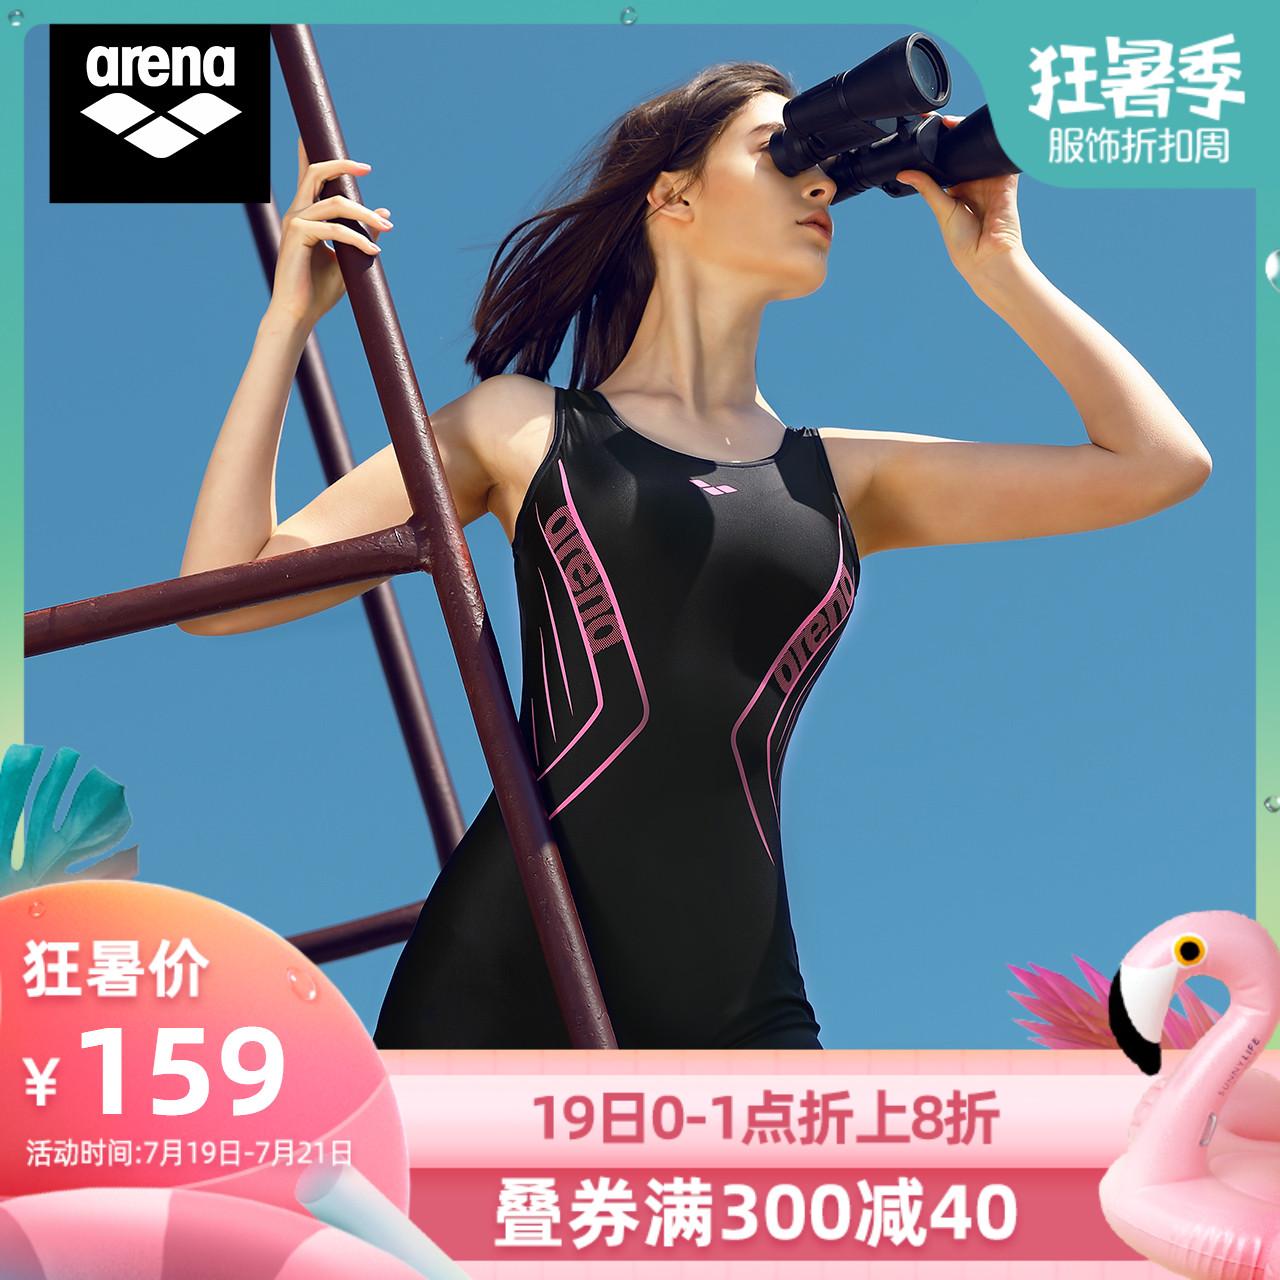 arena阿瑞娜泳衣女連體顯瘦遮肚保守平角專業訓練運動ins風游泳衣